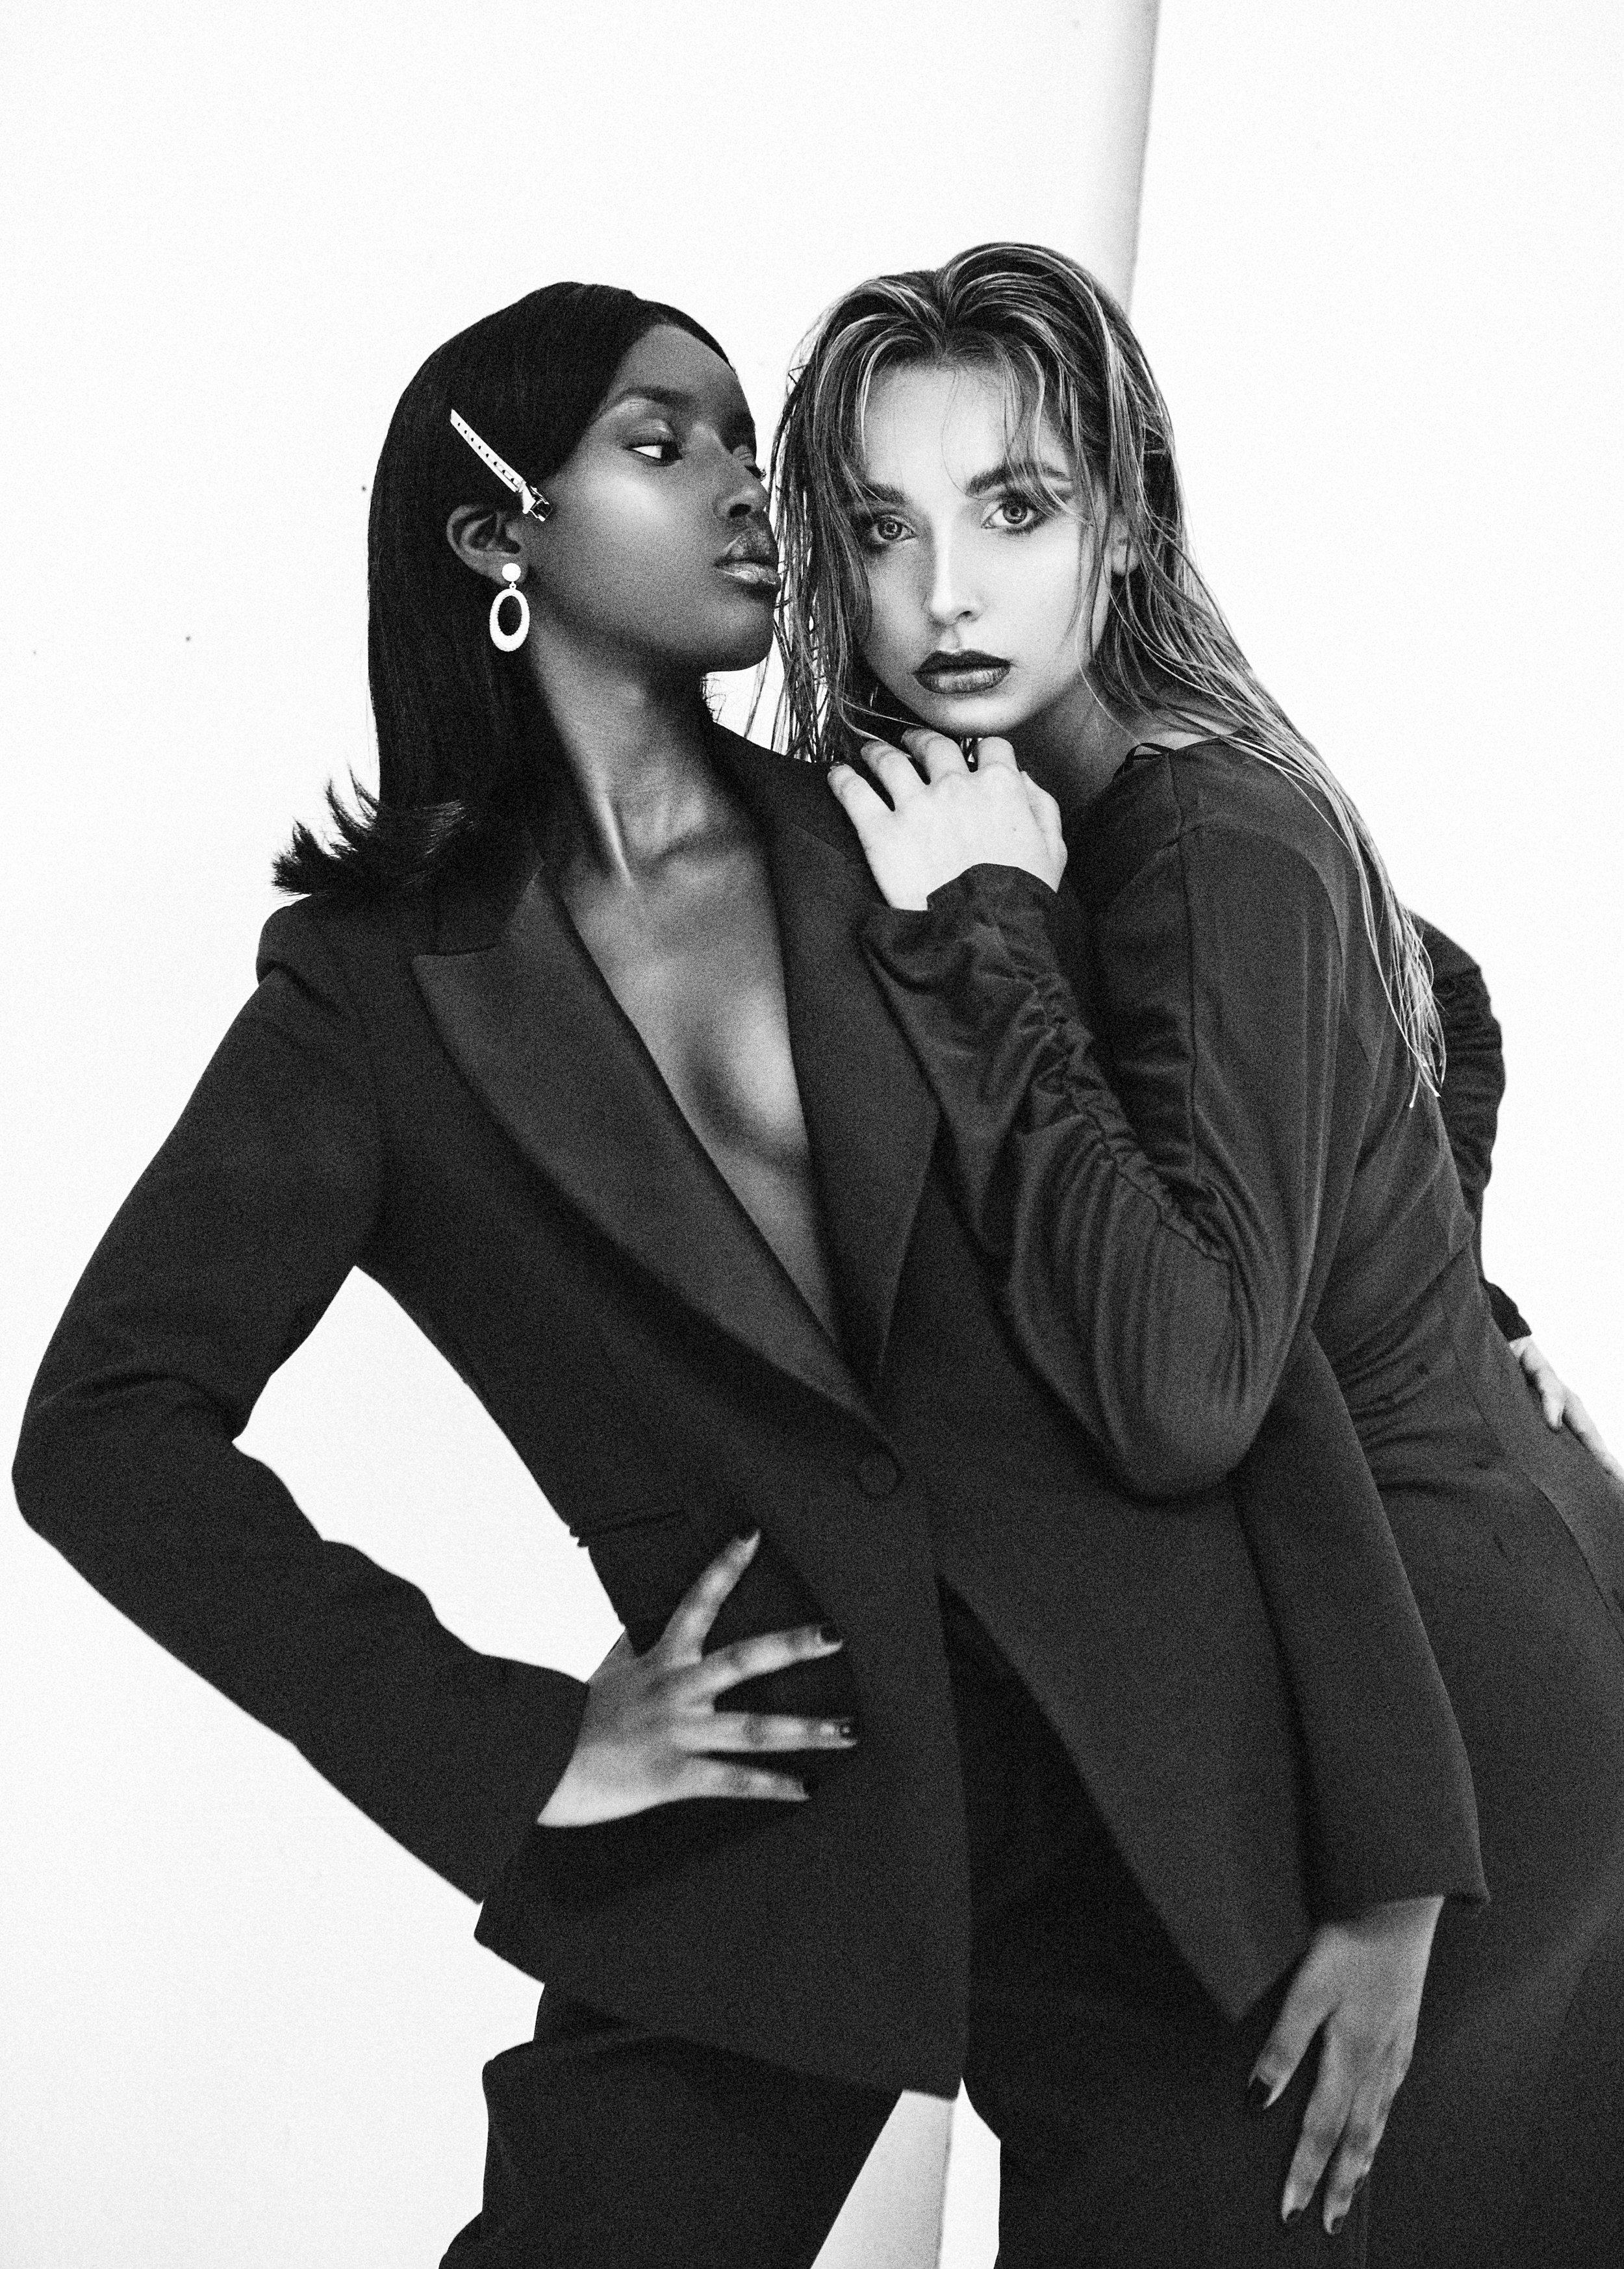 LINCA N.D & ALEXANDRA F